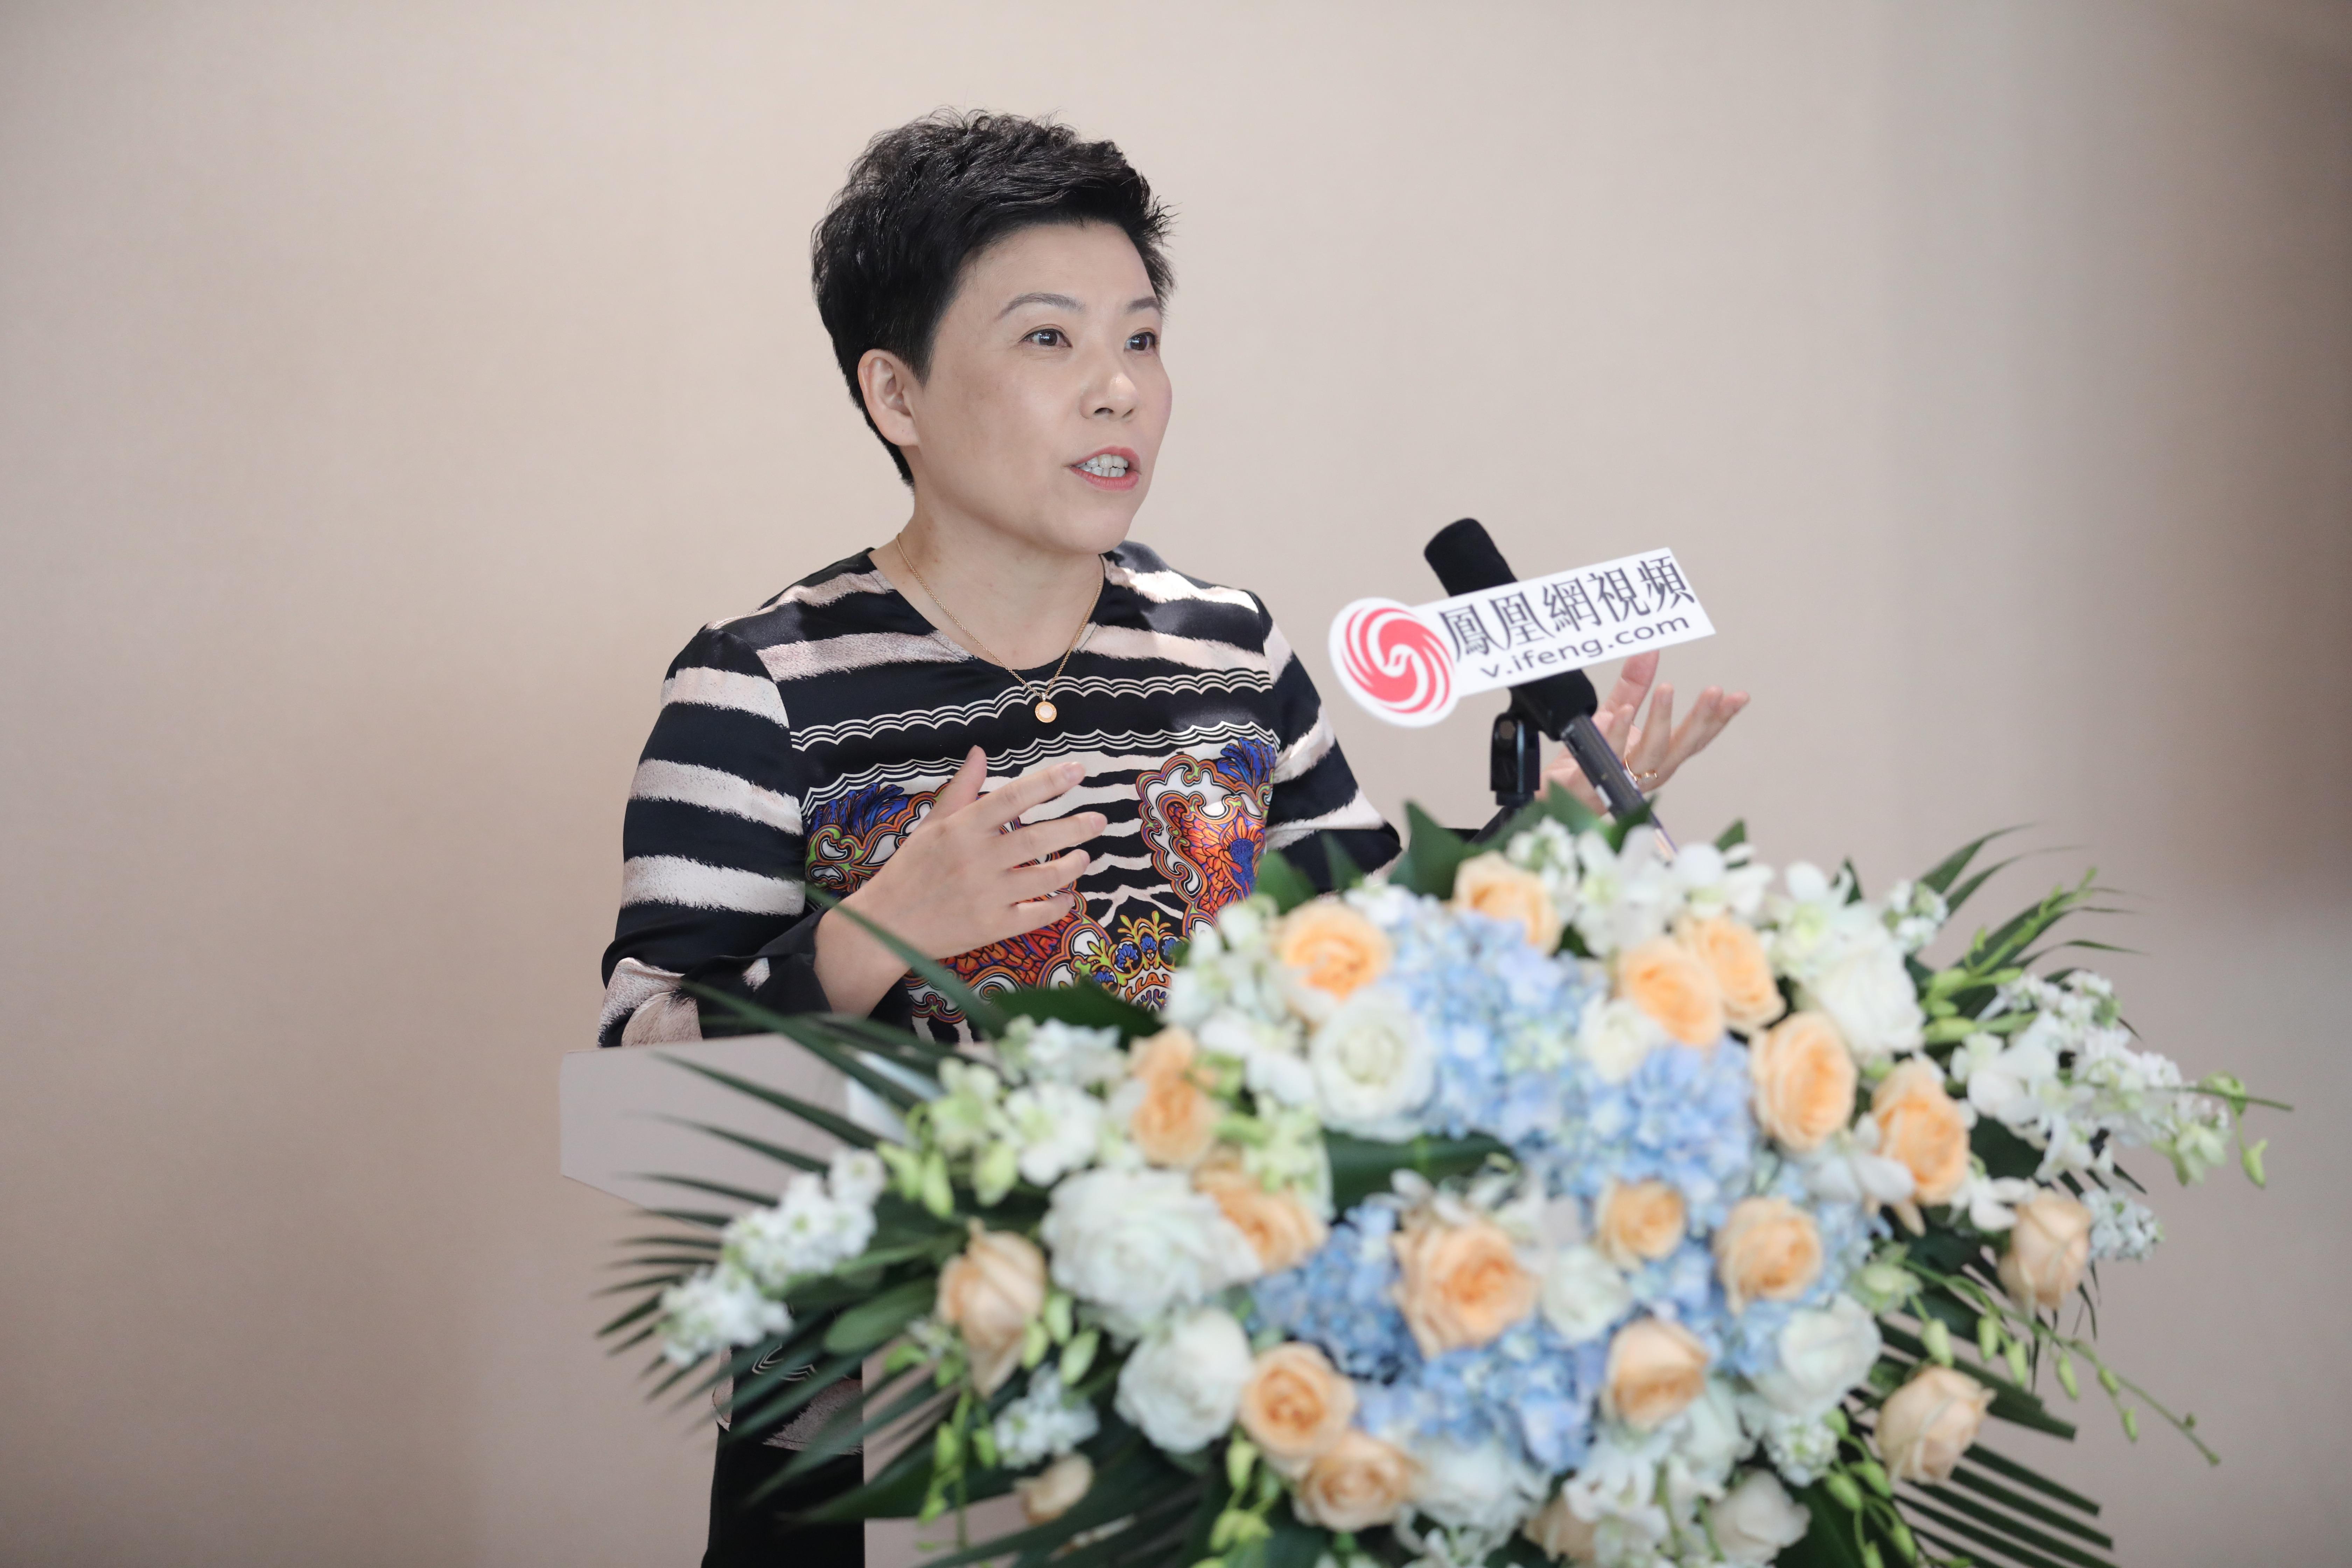 乒乓球奥运冠军 邓亚萍致辞